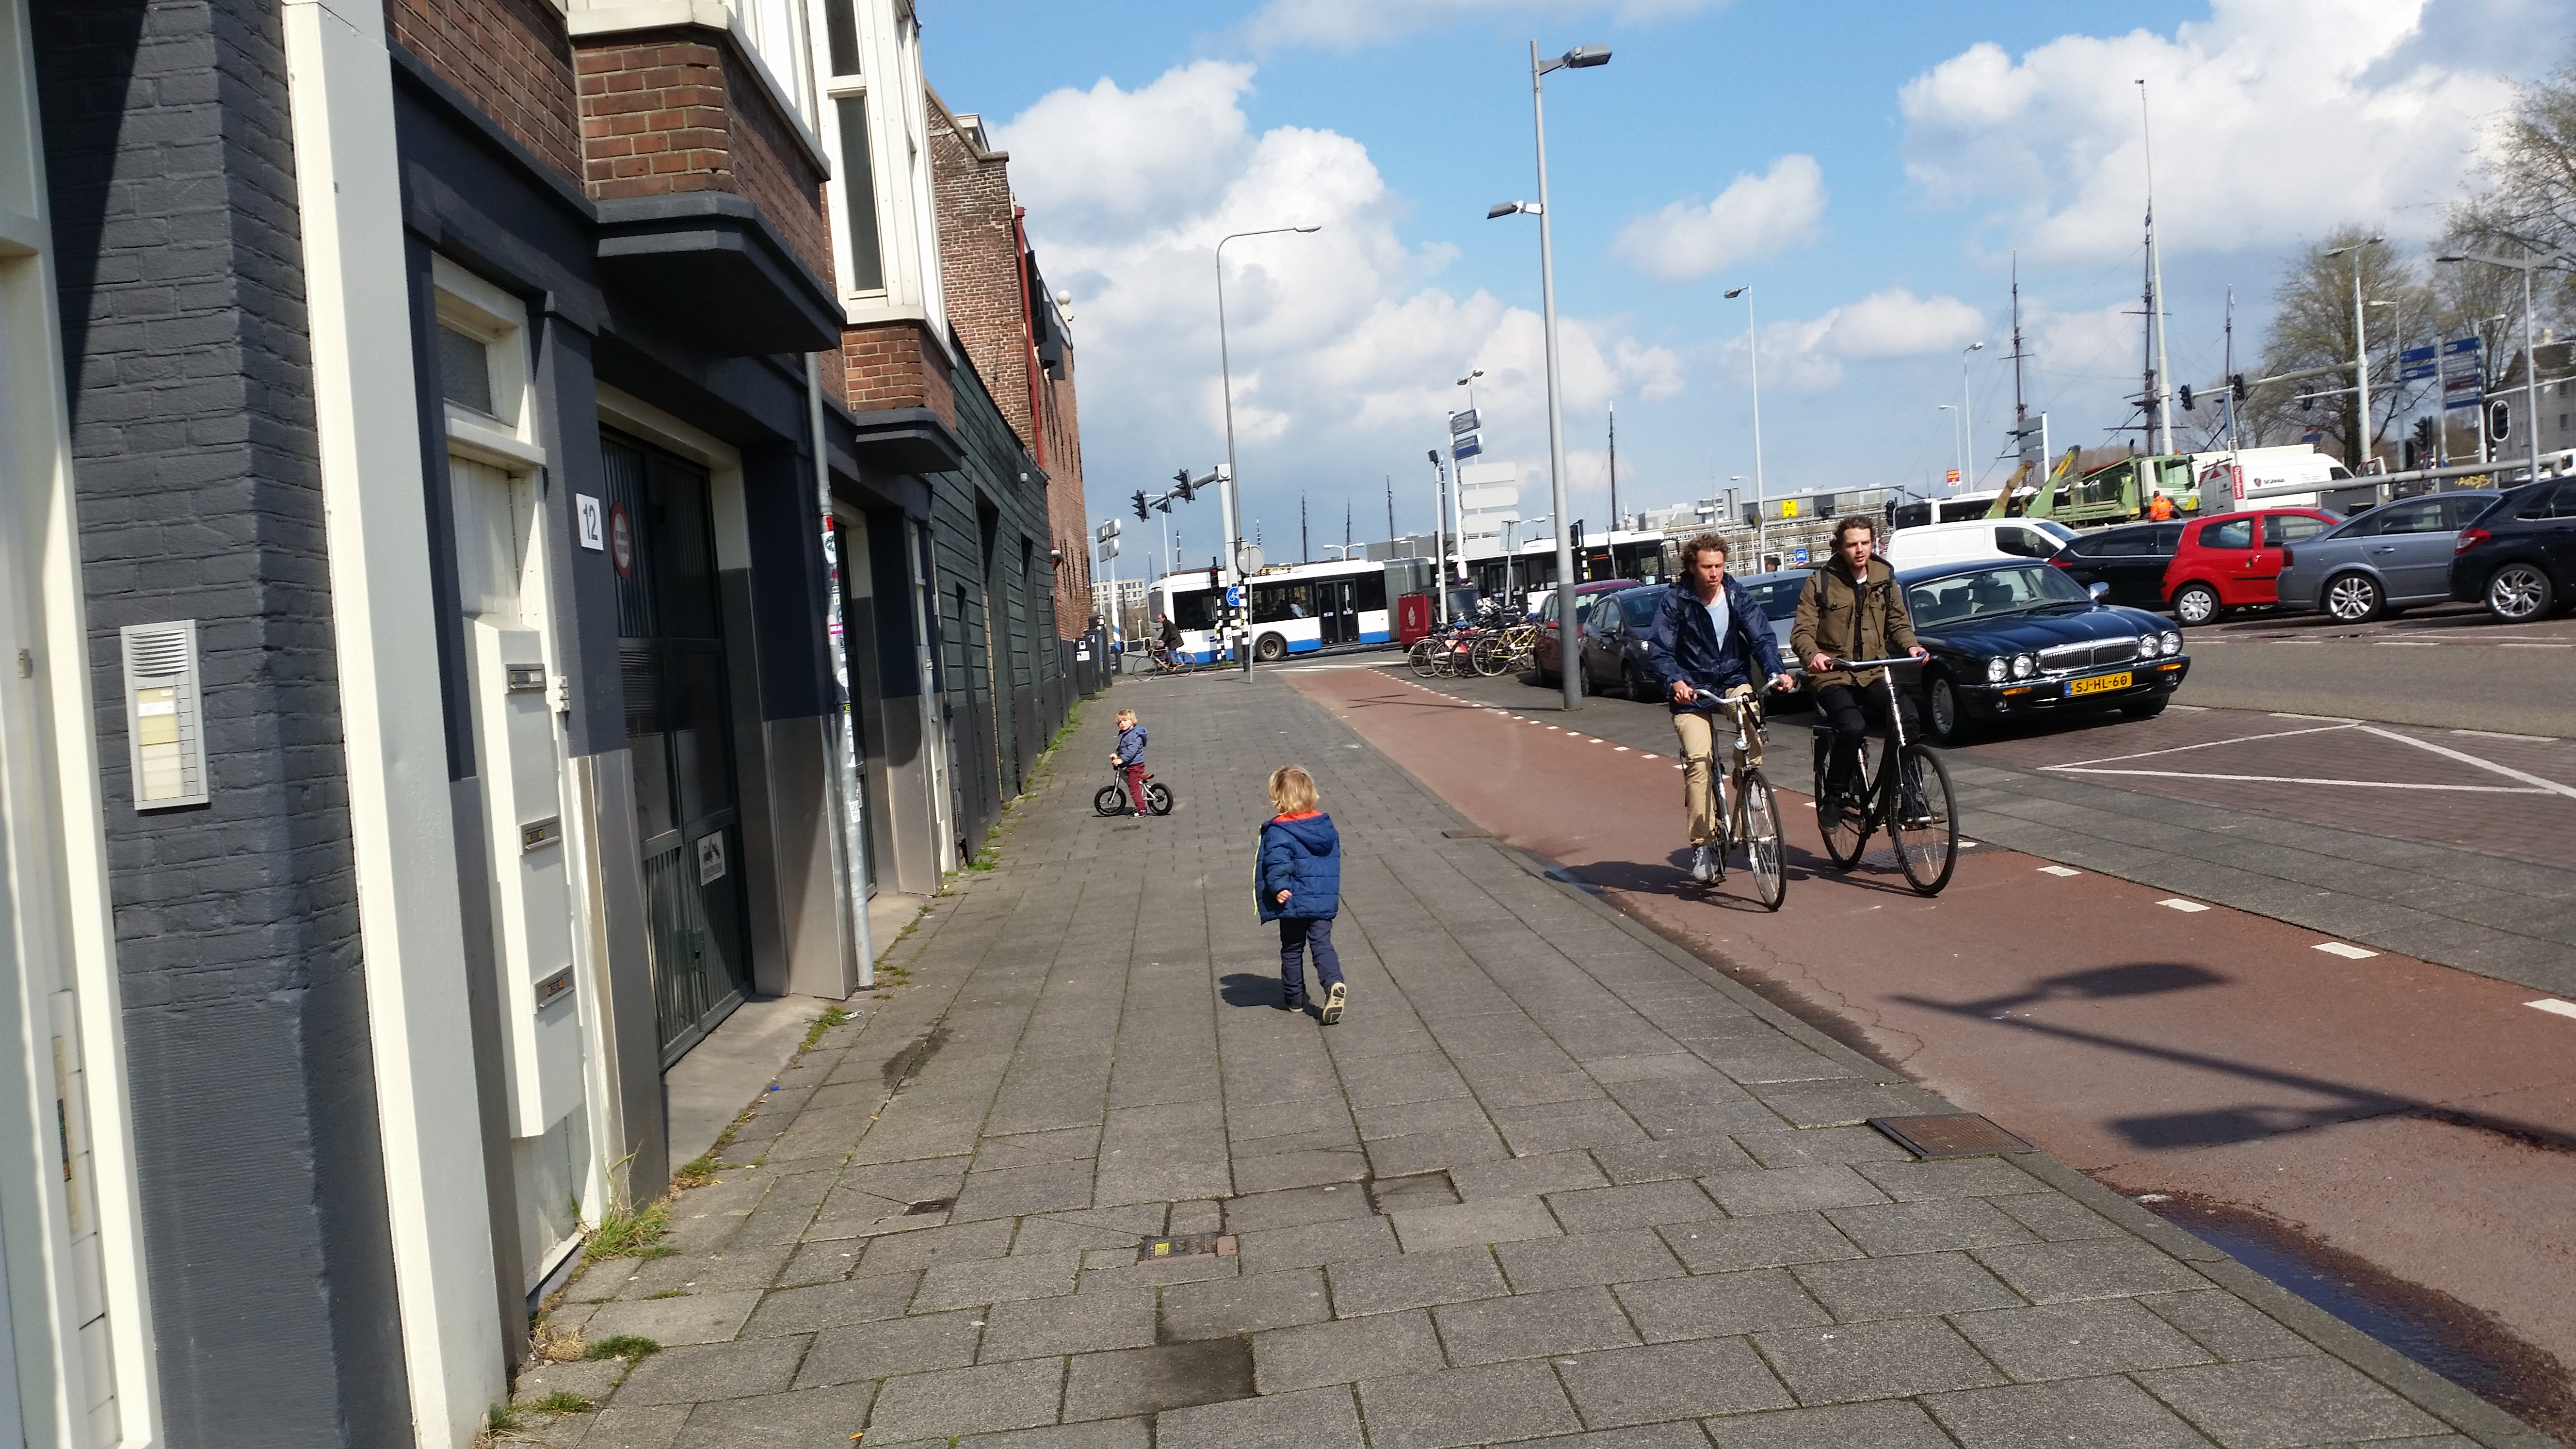 4-16-fiets-kinderwagen-onderweg-veilig-tips-tricks-ervaring-handig-jongens-meisjes-nanny-moeder-opvoeding-fietshelm-water-oversteken-stad-amsterdam-rennen